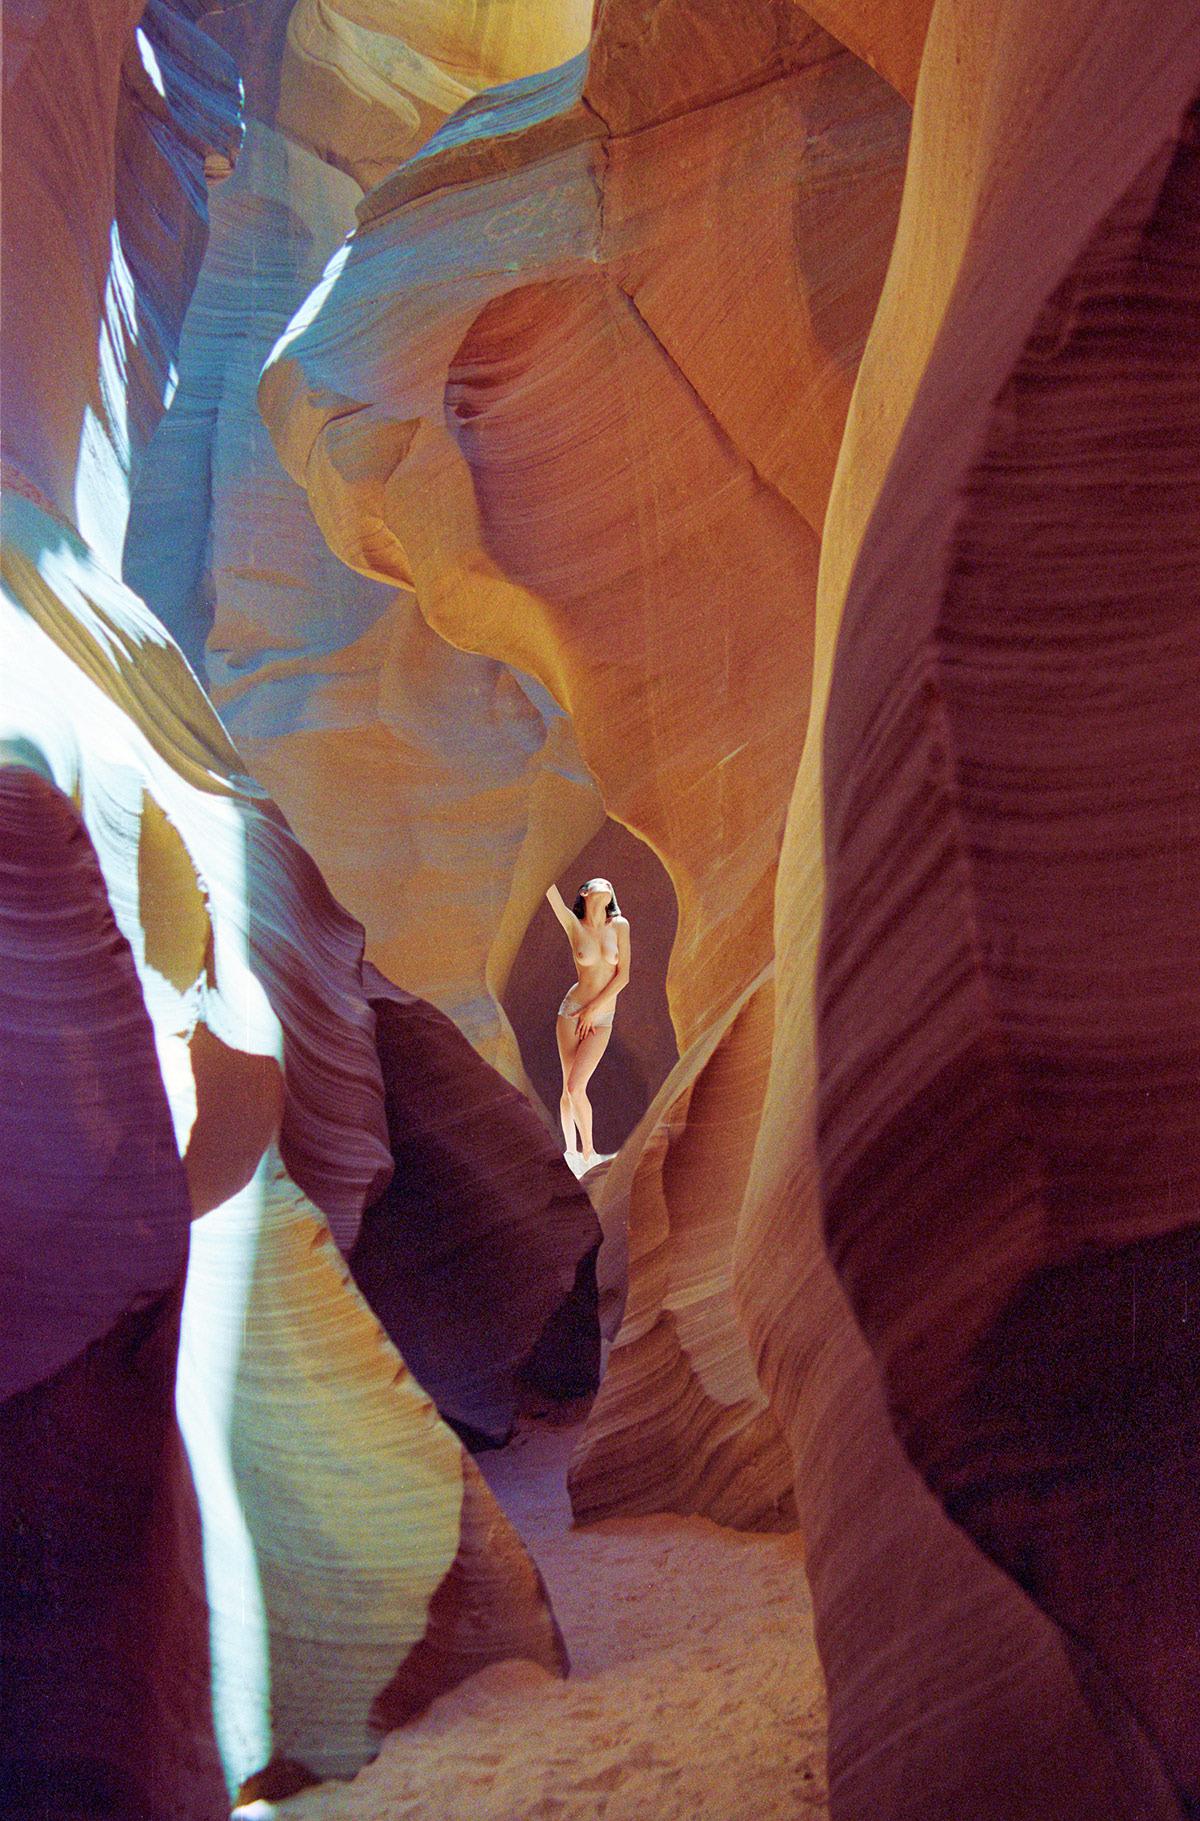 05-amanda-charchian-antelope-canyon2.nocrop.w1800.h1330.2x